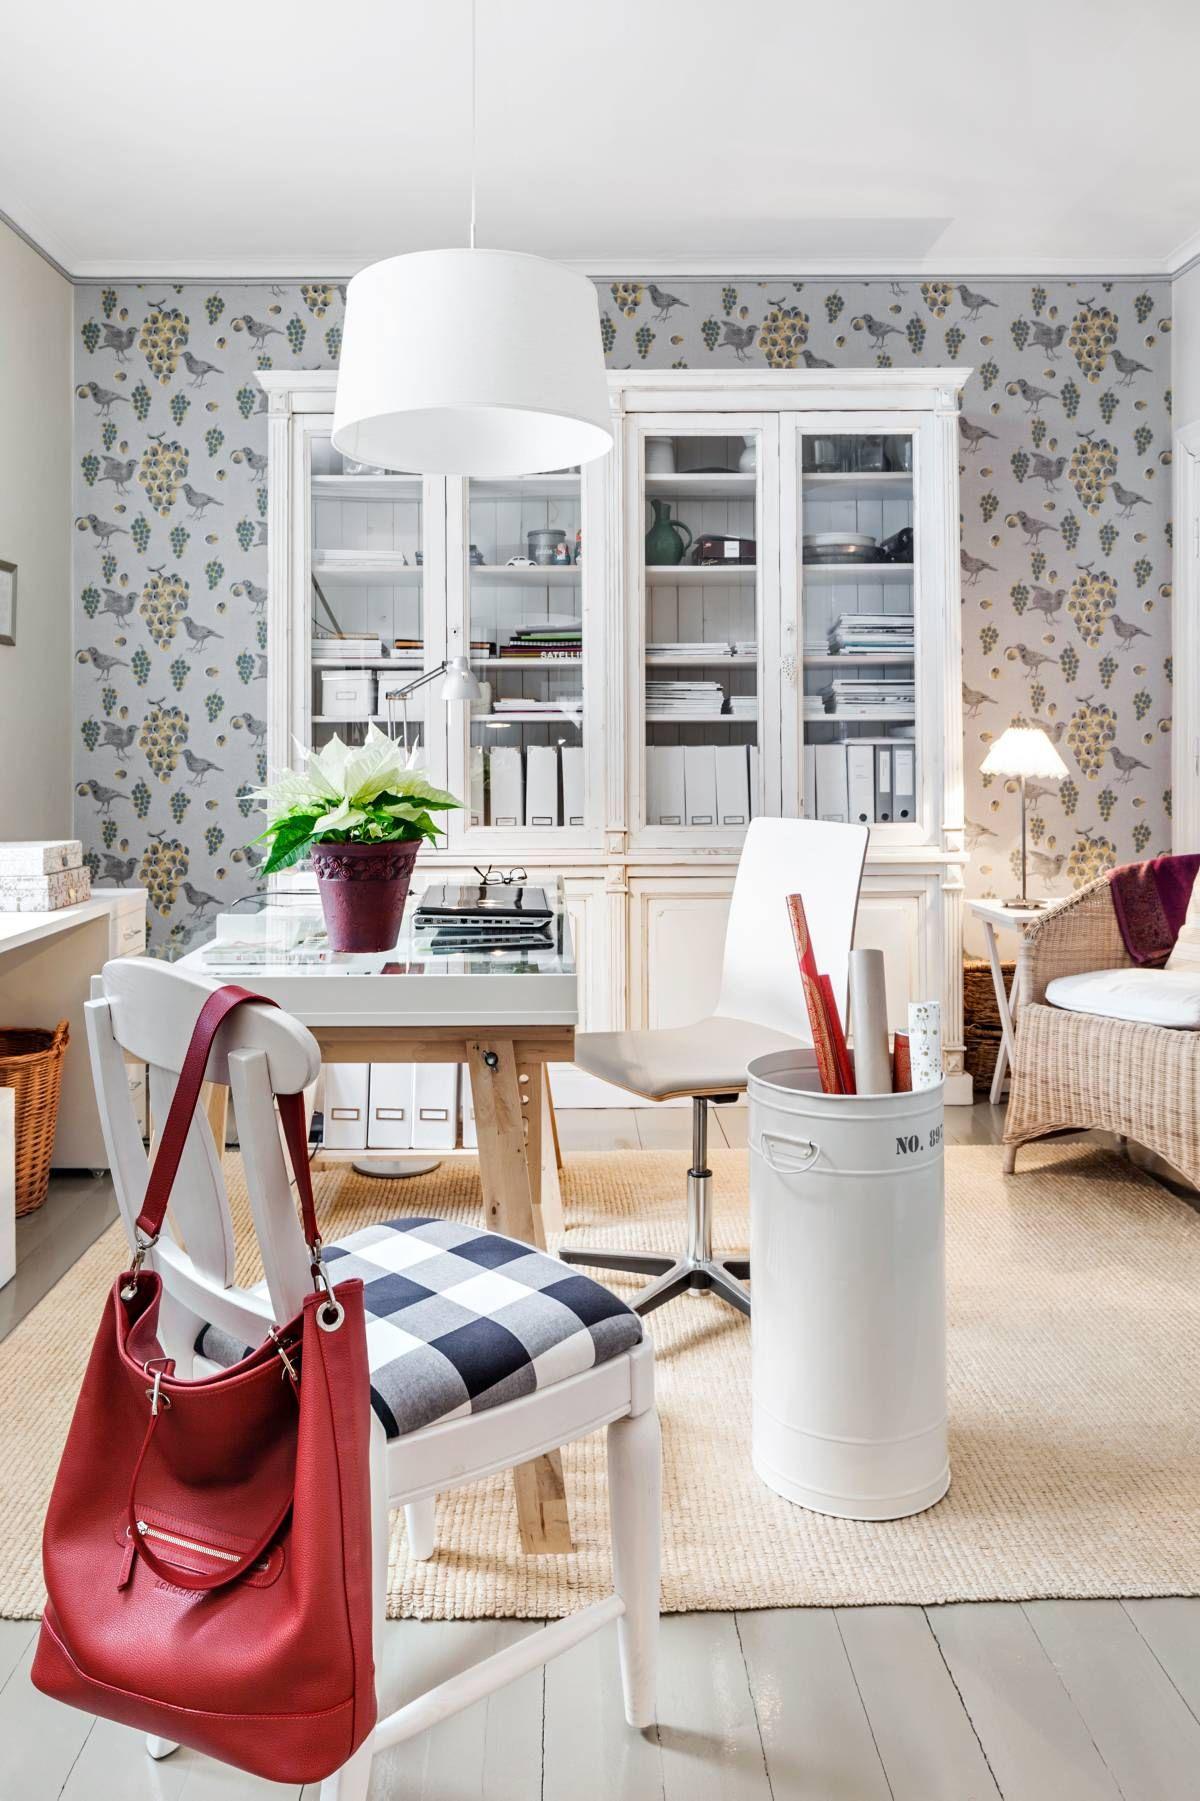 Työhuoneessa on Ikean pukkijalkapöytä. Vanhat korituolit on haettu aikoinaan Tukholman Ikeasta. Työtuolit hankittiin Iskun julkikalustevalikoimasta. Belidin kattovalaisin on siirretty olohuoneesta. Sähkövedot puuttuvat vielä. Metallinen paperirullien säilytyspönttö on Ideaparkin Villa Rosmariinin loppuunmyynnistä. Matto on Ikeasta.